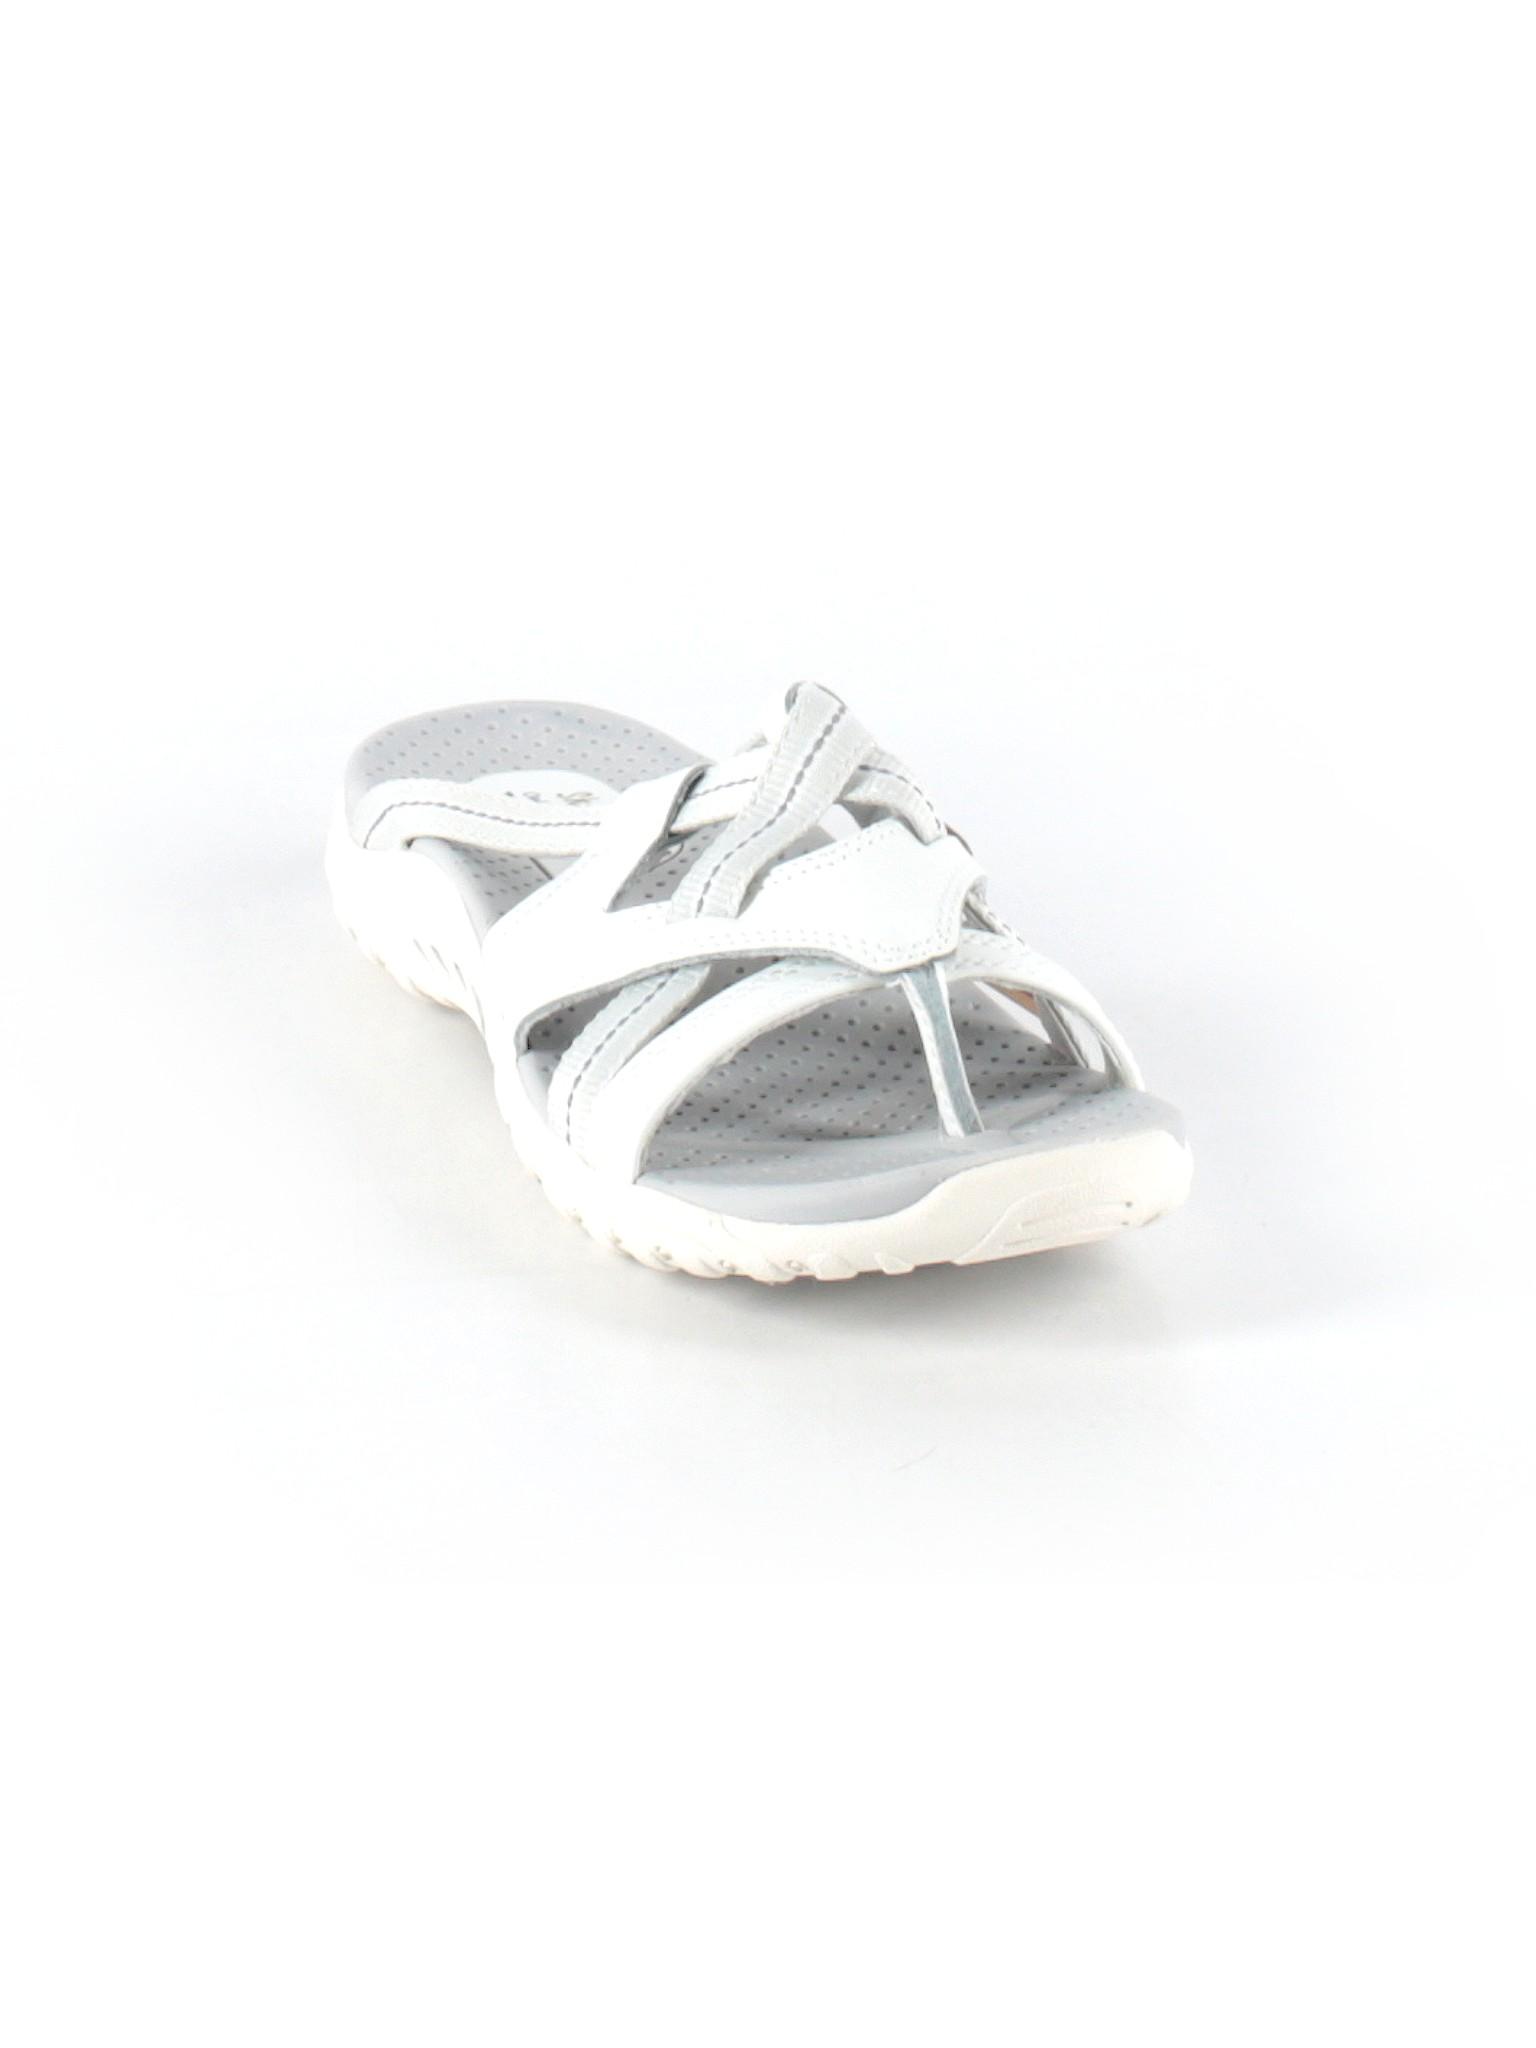 promotion Skechers Boutique promotion Skechers Sandals promotion Sandals Boutique Boutique ZA1qSx7c4w